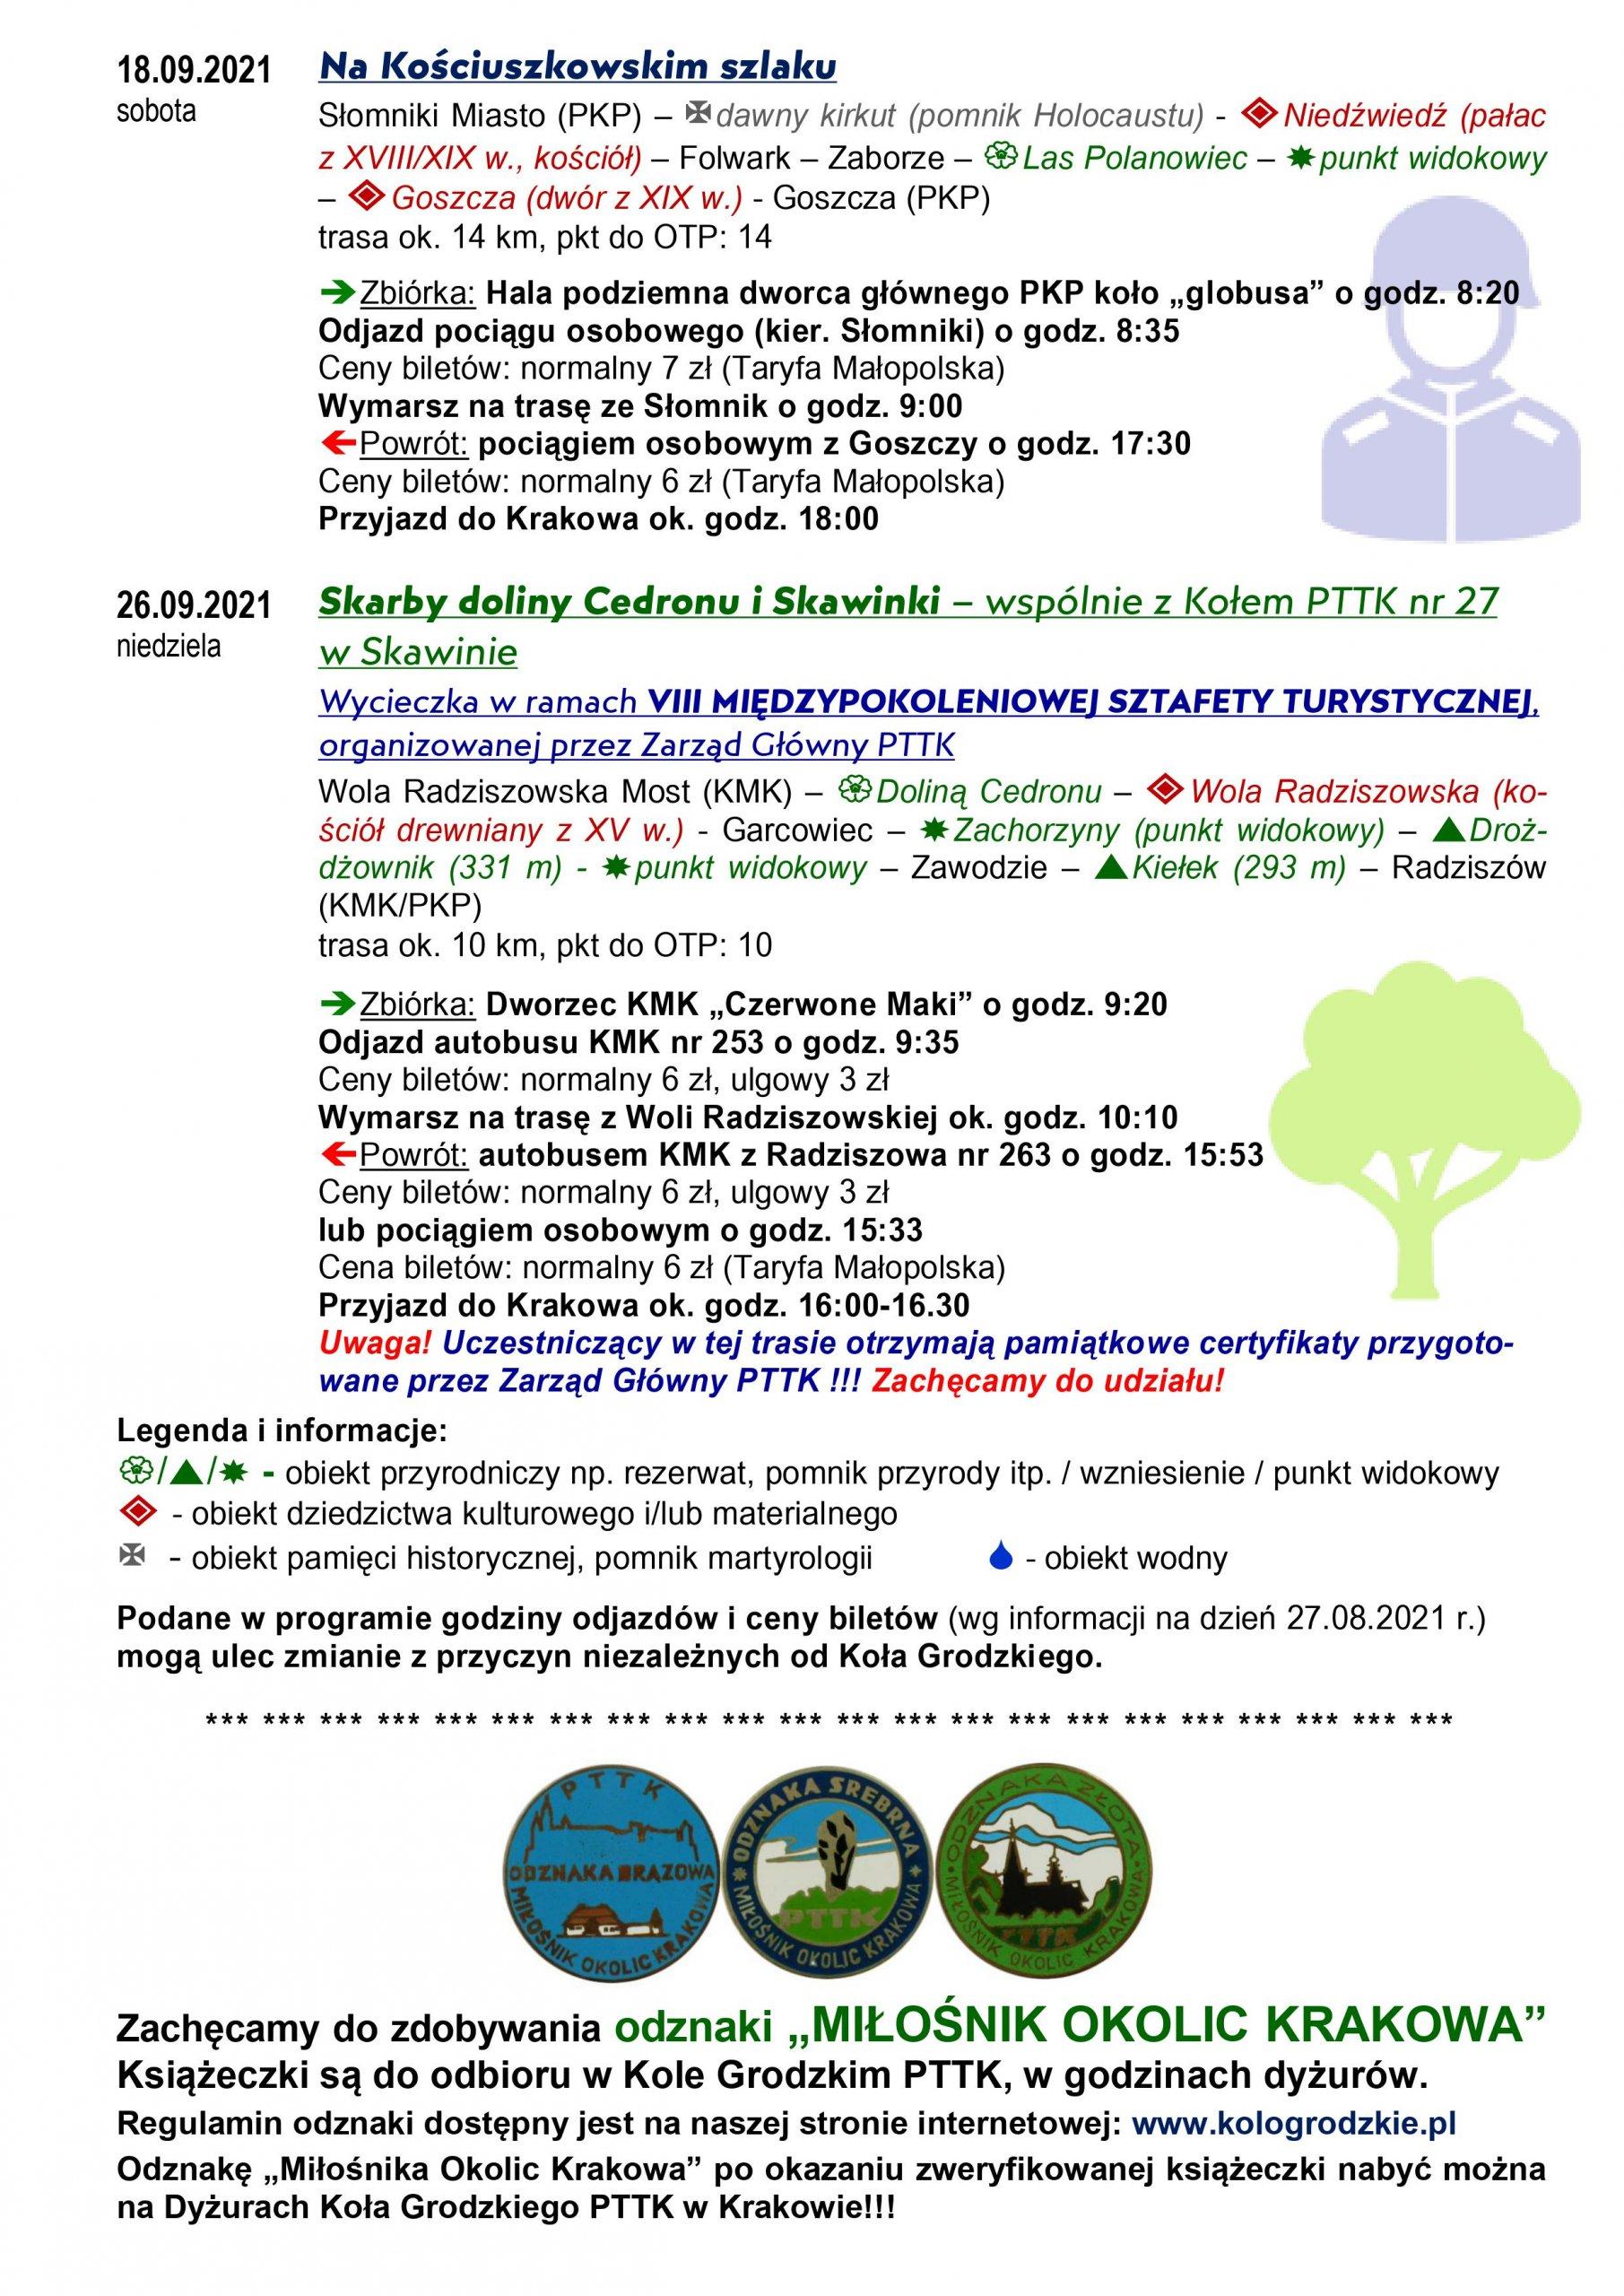 Program wycieczek: Na Kościuszkowskim szlaku oraz Skarby doliny Cedronu i Skawinki